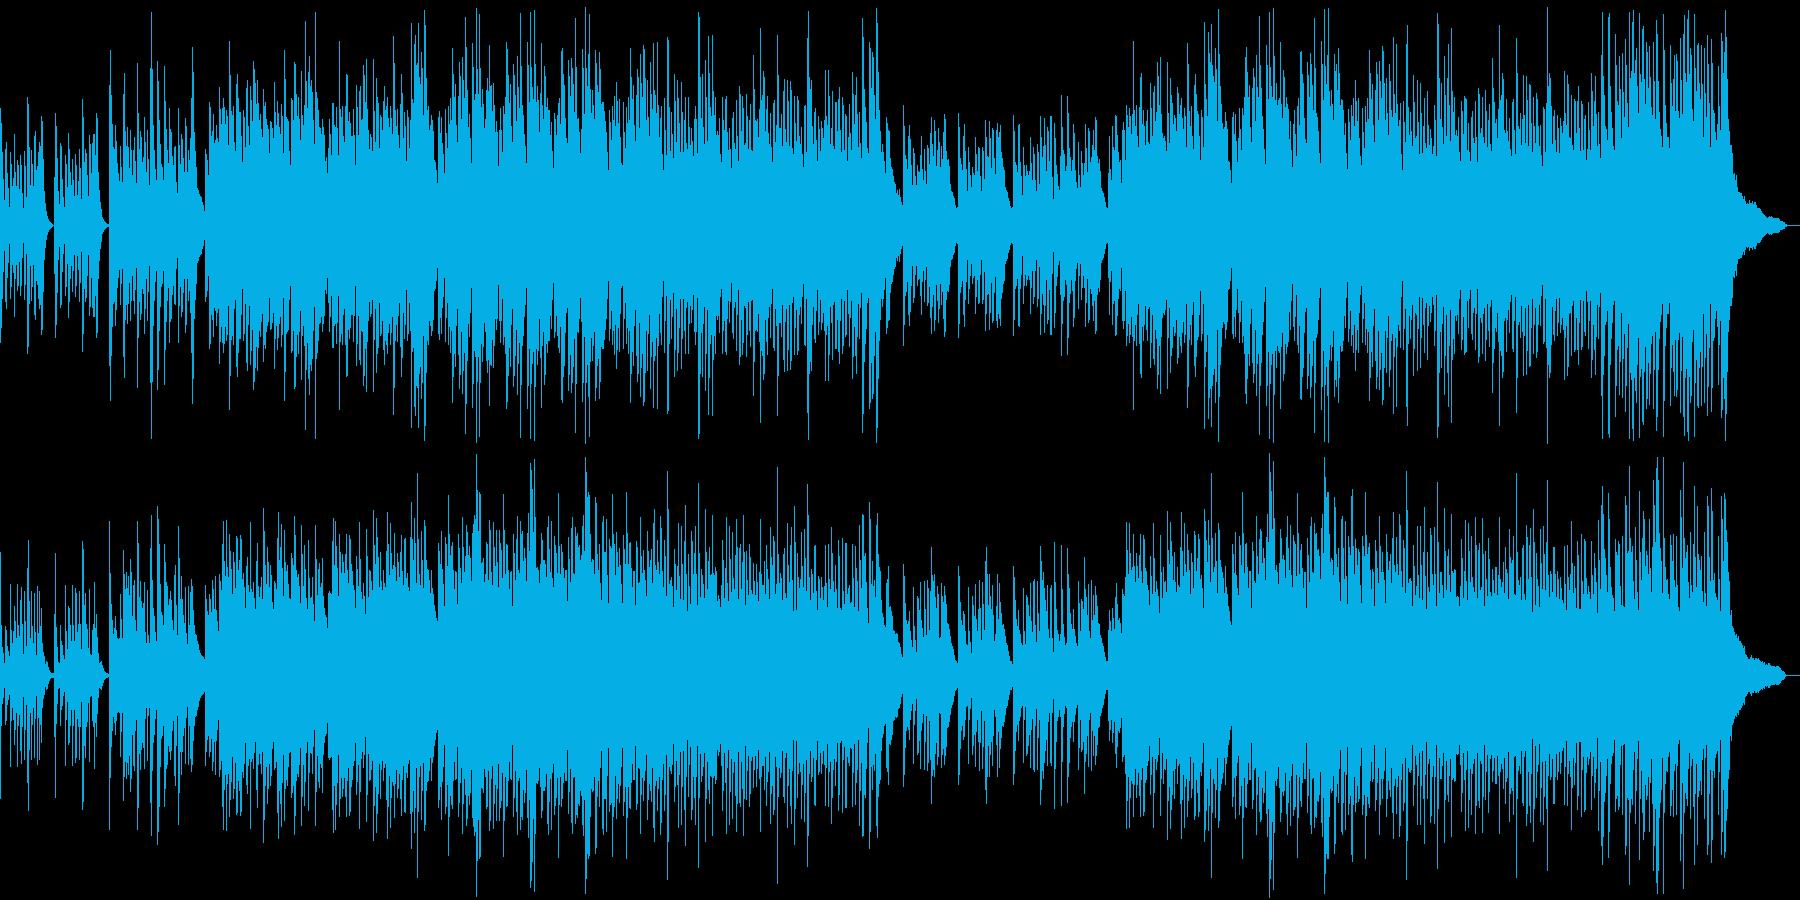 出会いをイメージしたピアノ曲の再生済みの波形